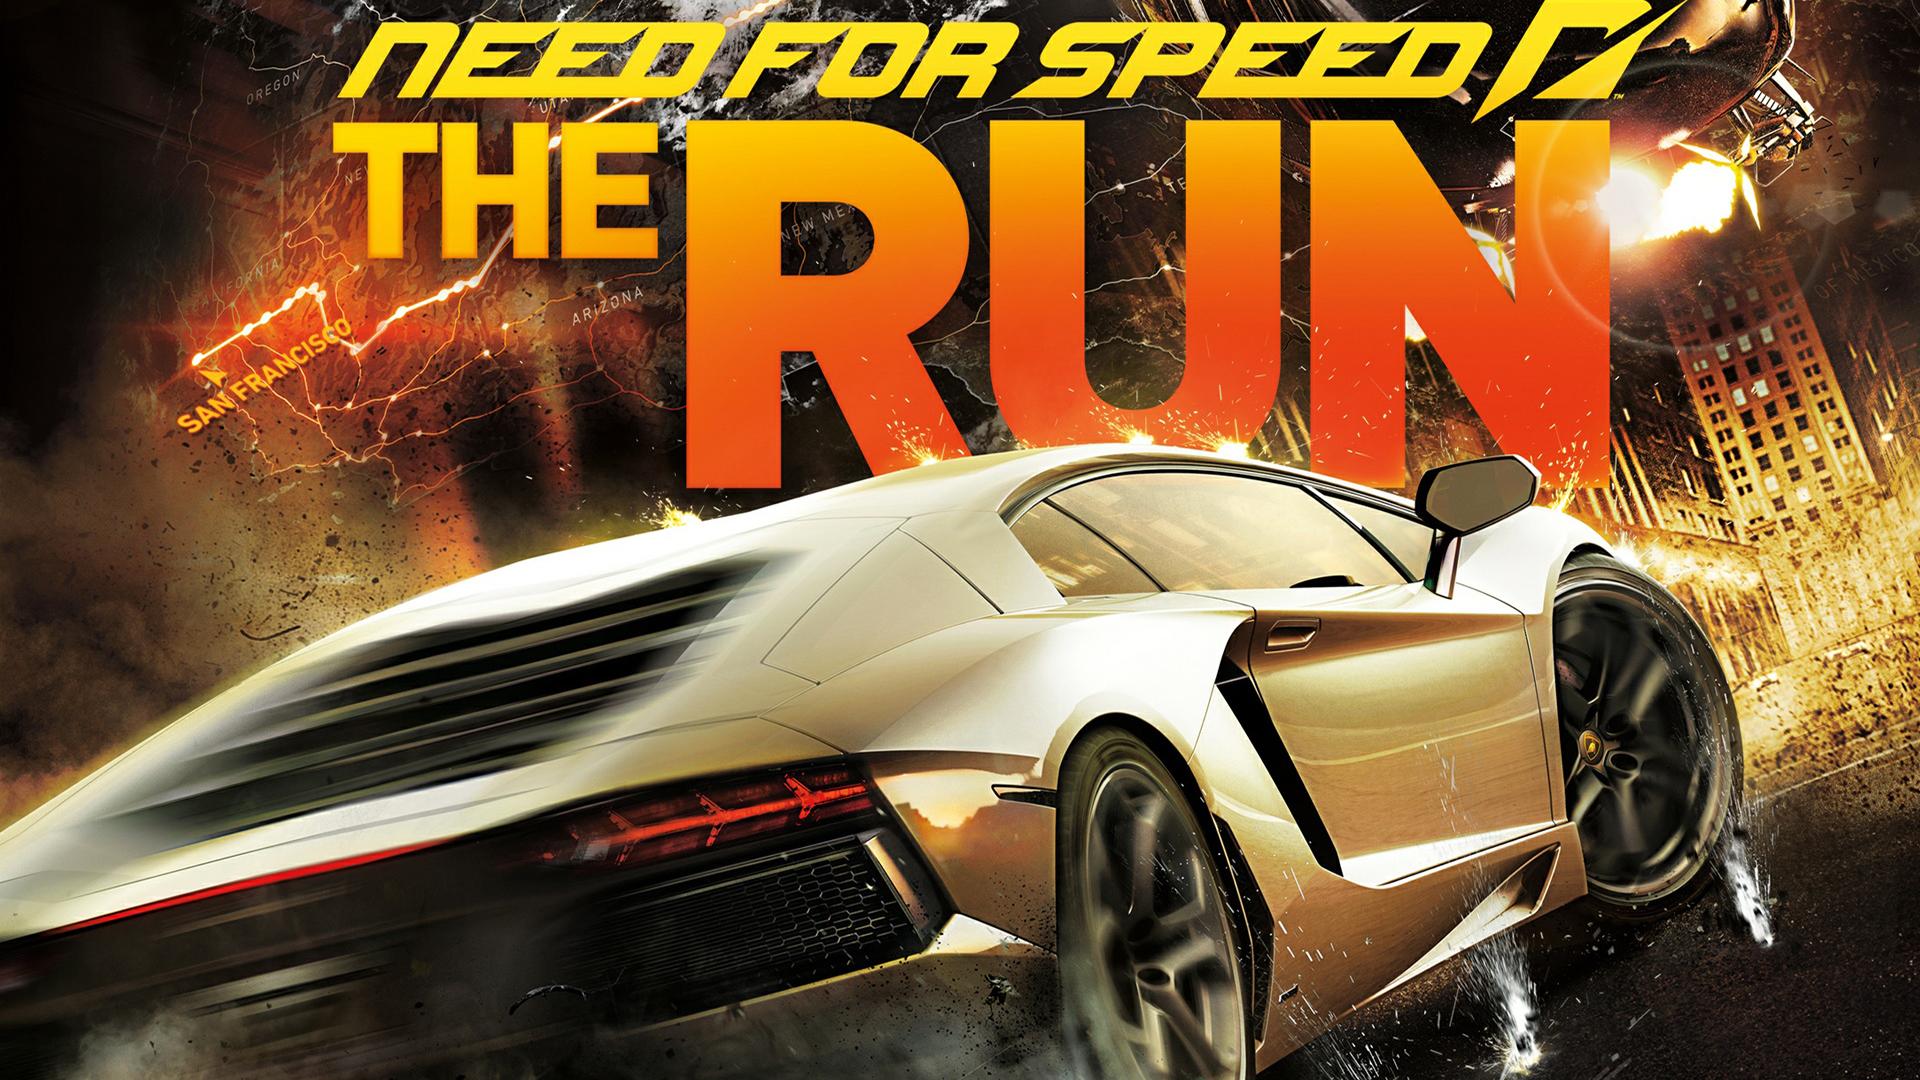 تحميل لعبة نيد فور سبيد للكمبيوتر 2011